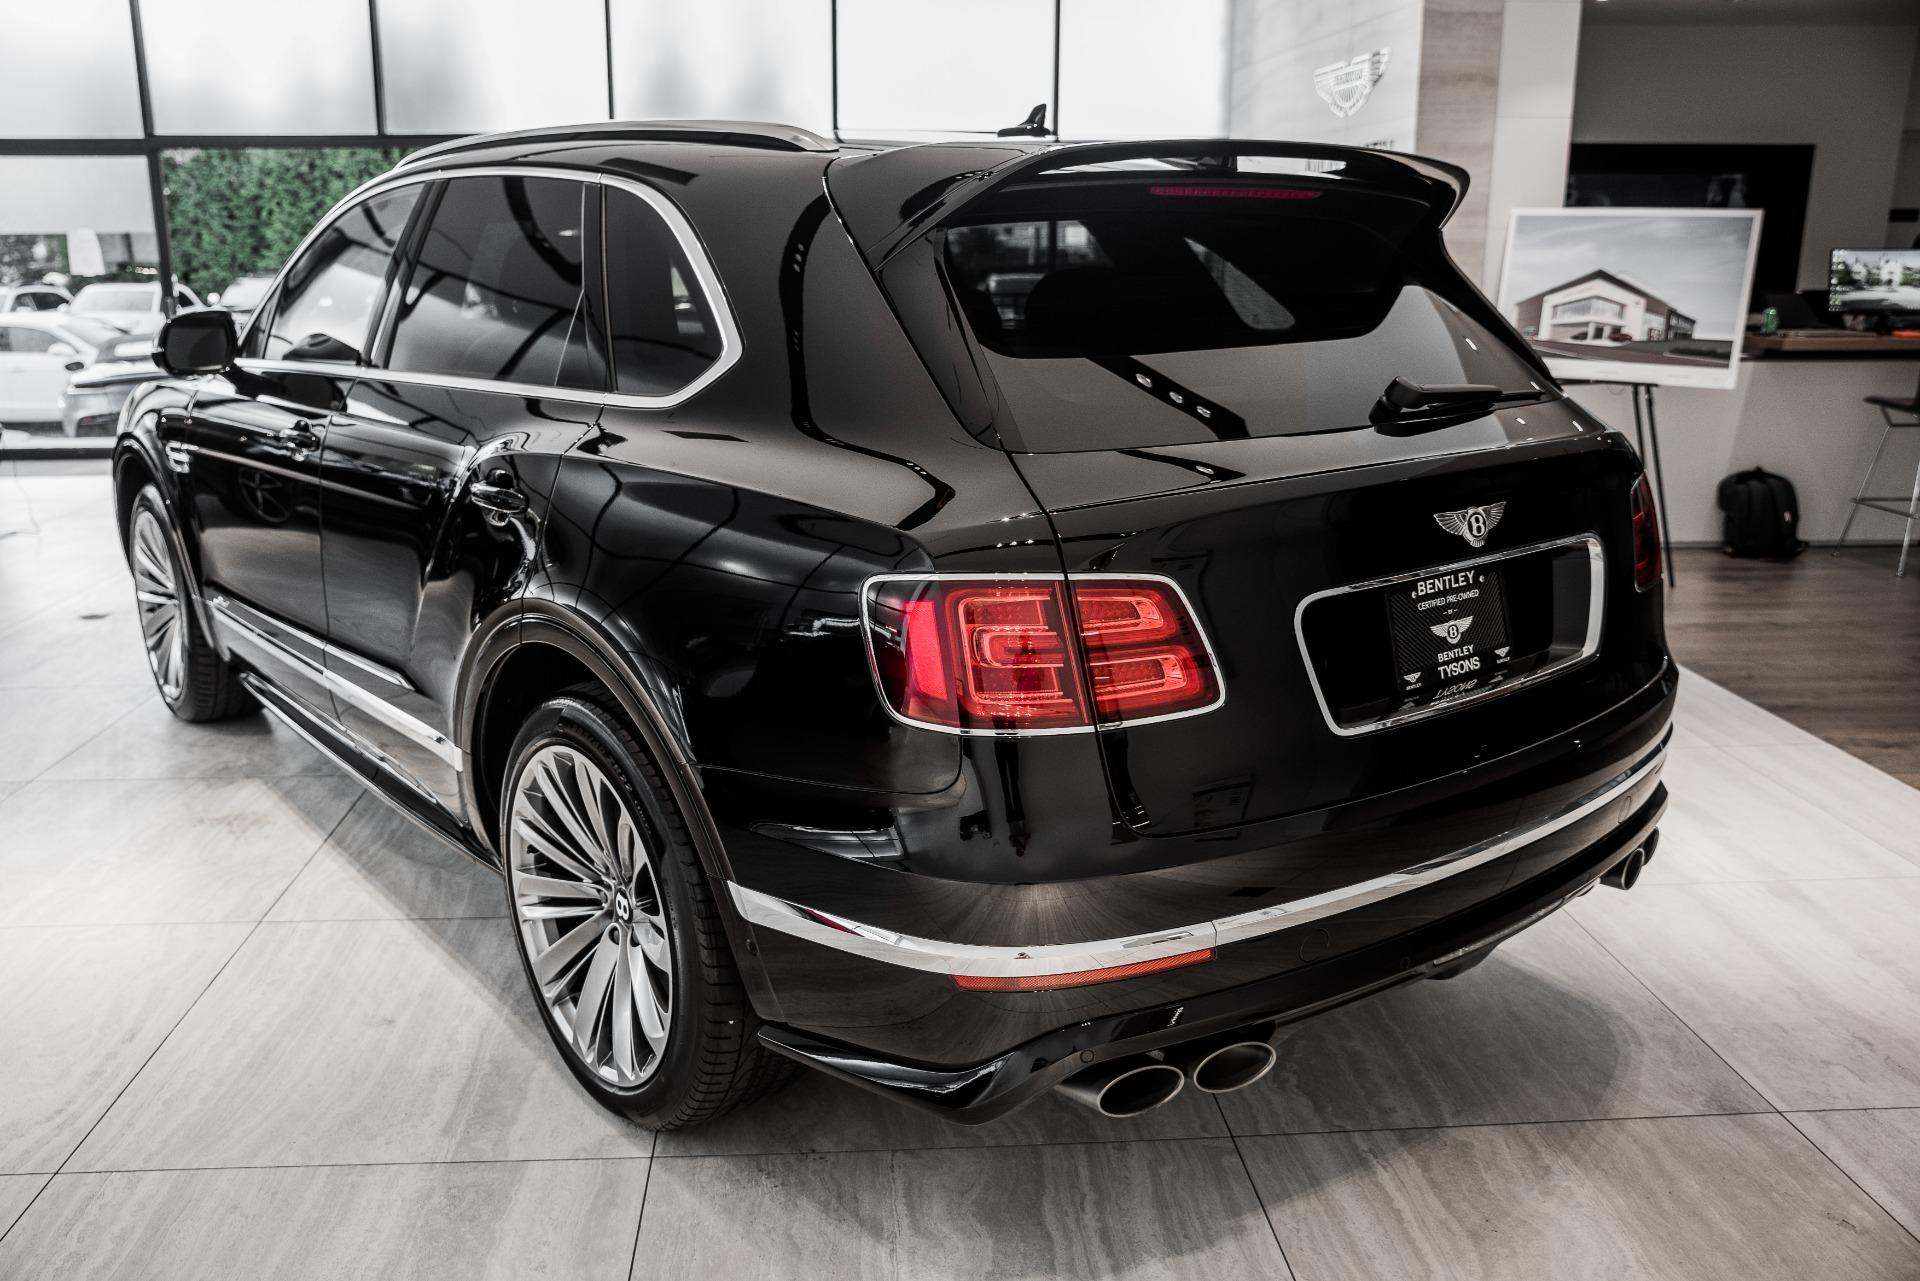 Used-2020-Bentley-Bentayga-Speed